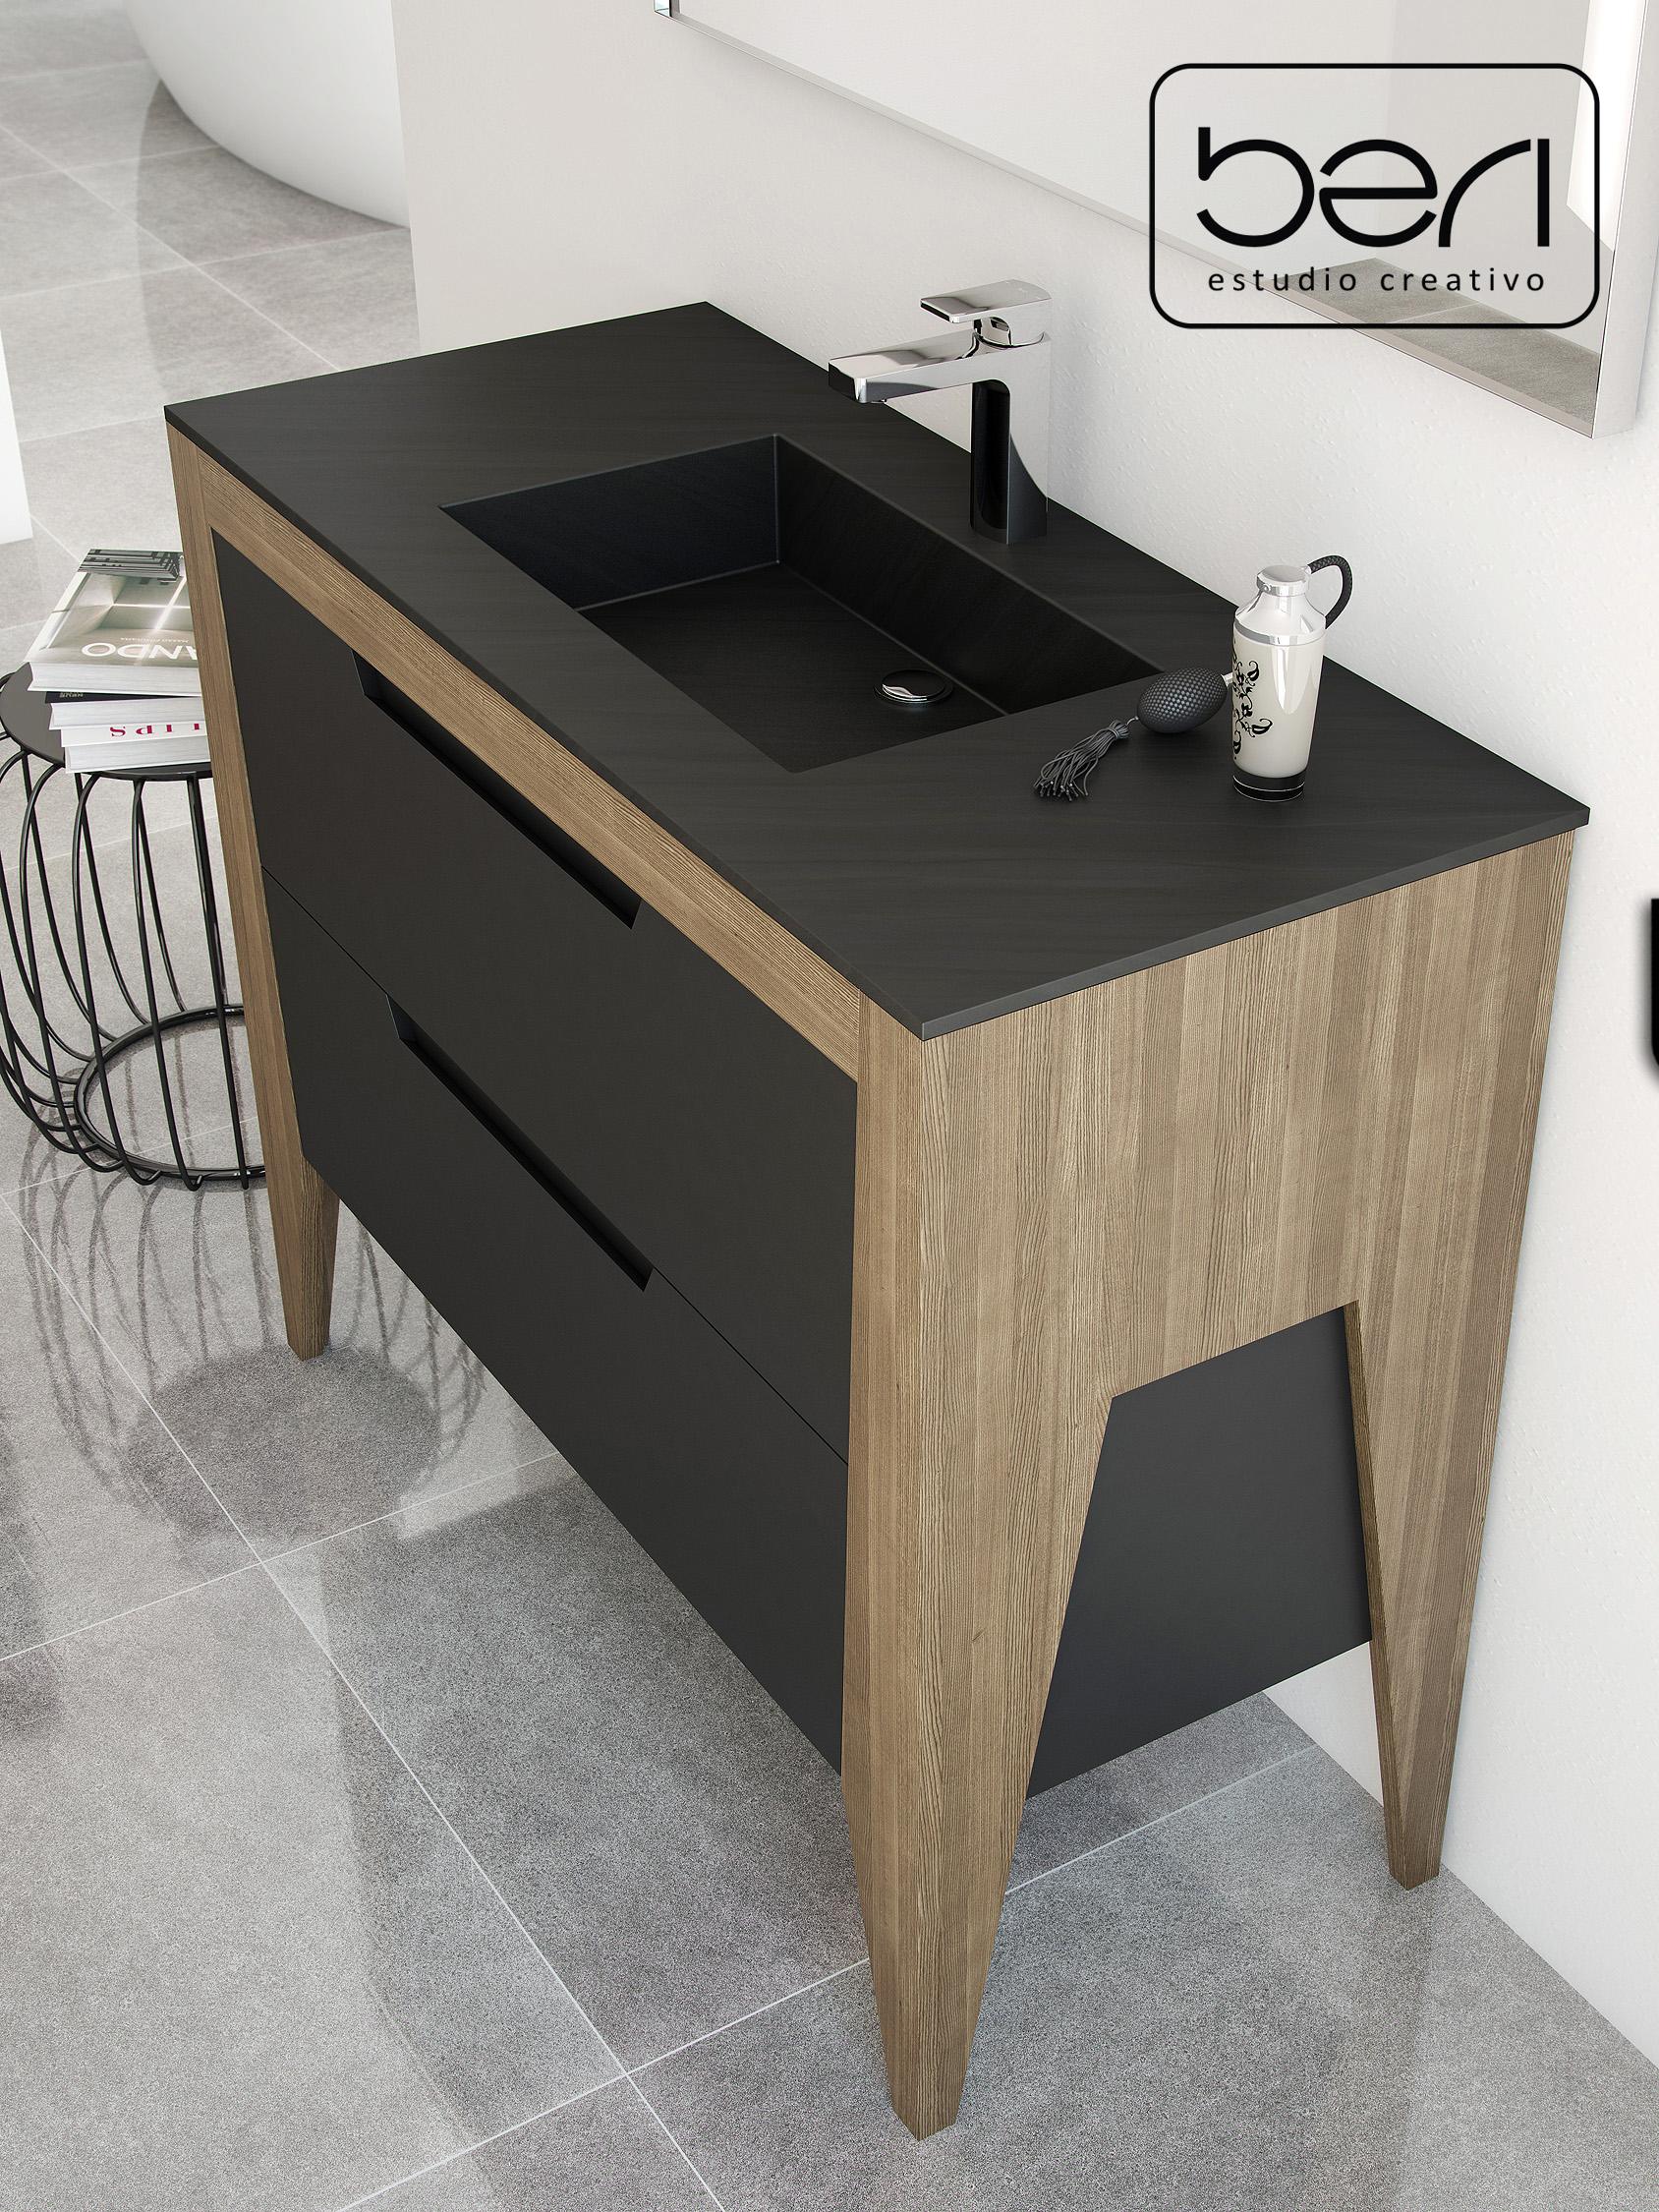 Fabricamos muebles de ba o lavabos y accesorios - Fabricante muebles de bano ...